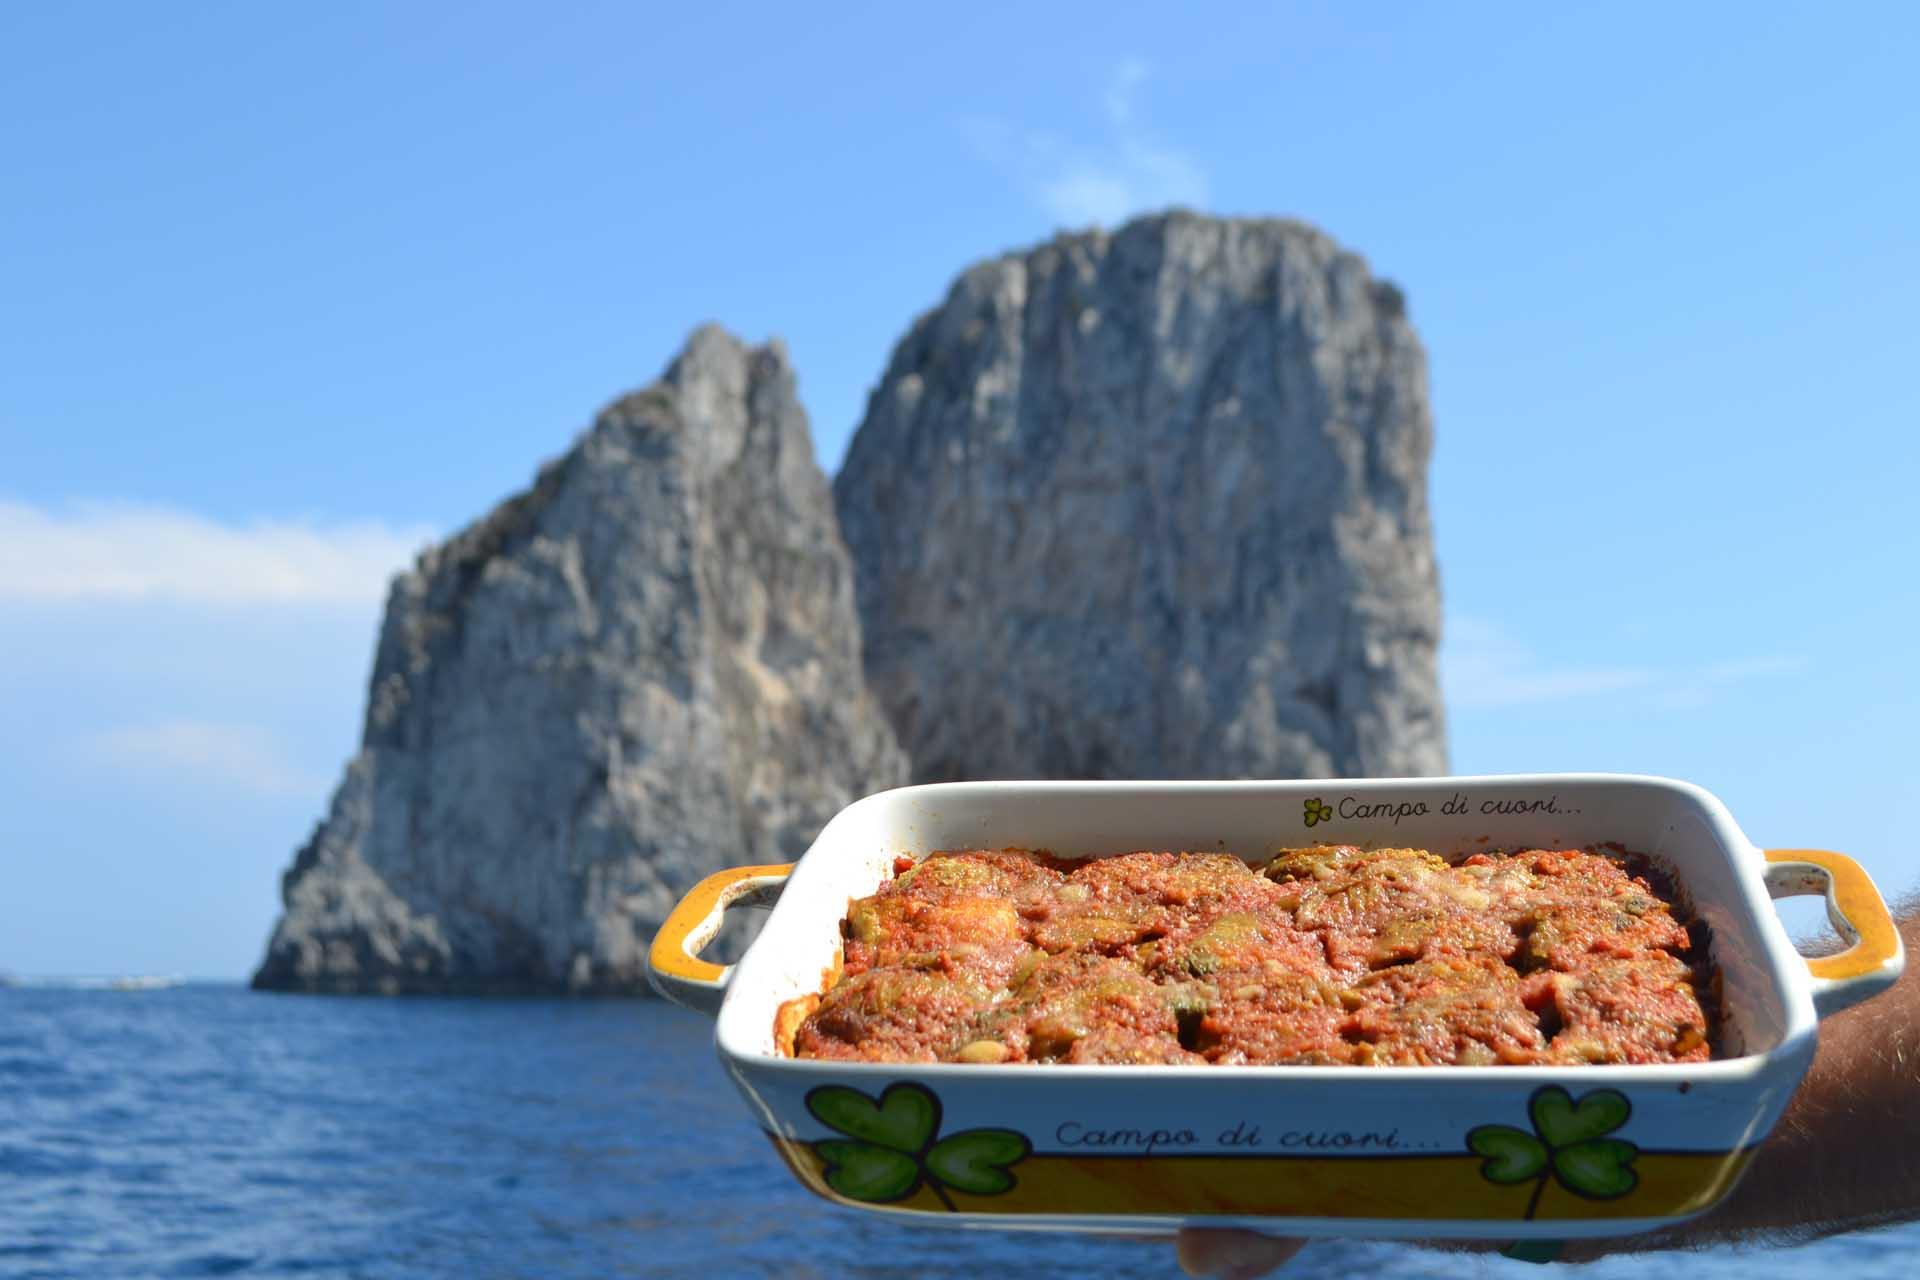 Pranzo in barca a Capri con parmigiana di melanzane